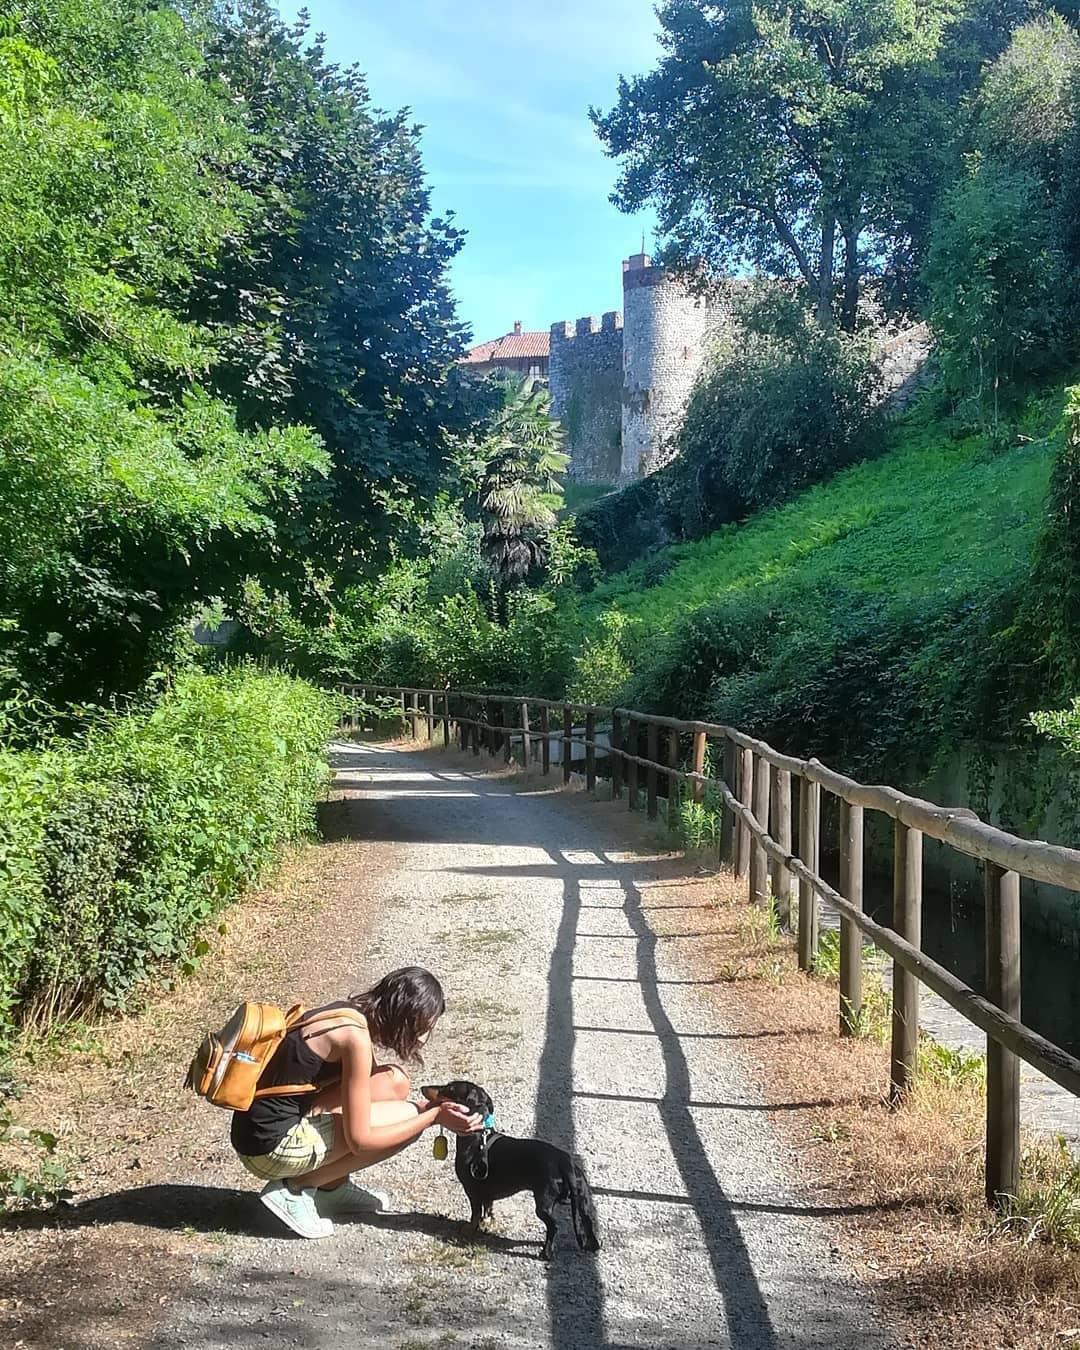 Candelo: Passeggiata degli Alpini in compagnia di un cane.